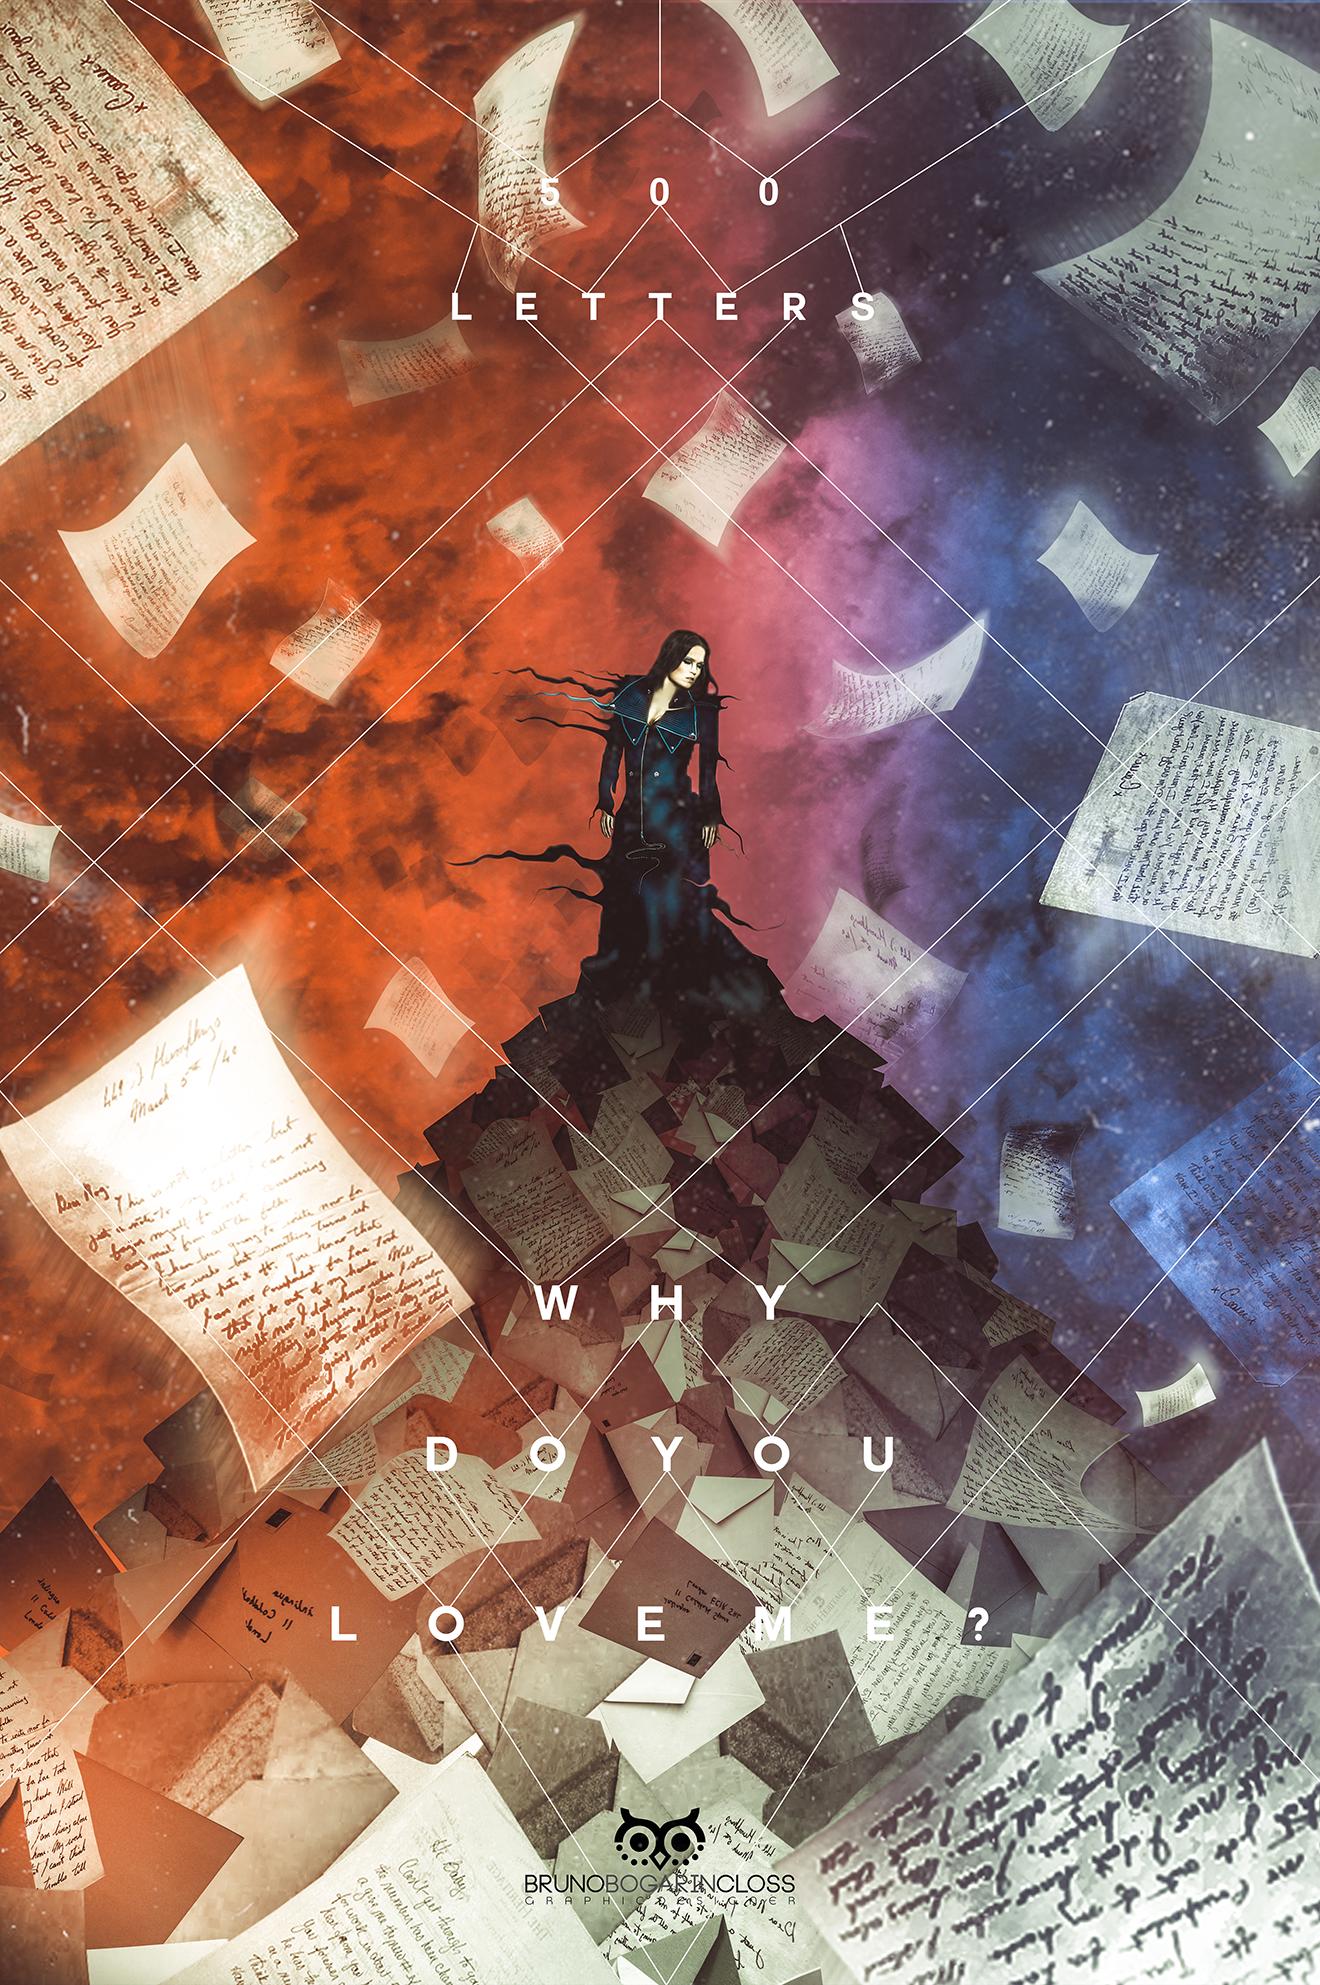 Tarja 500 Letters